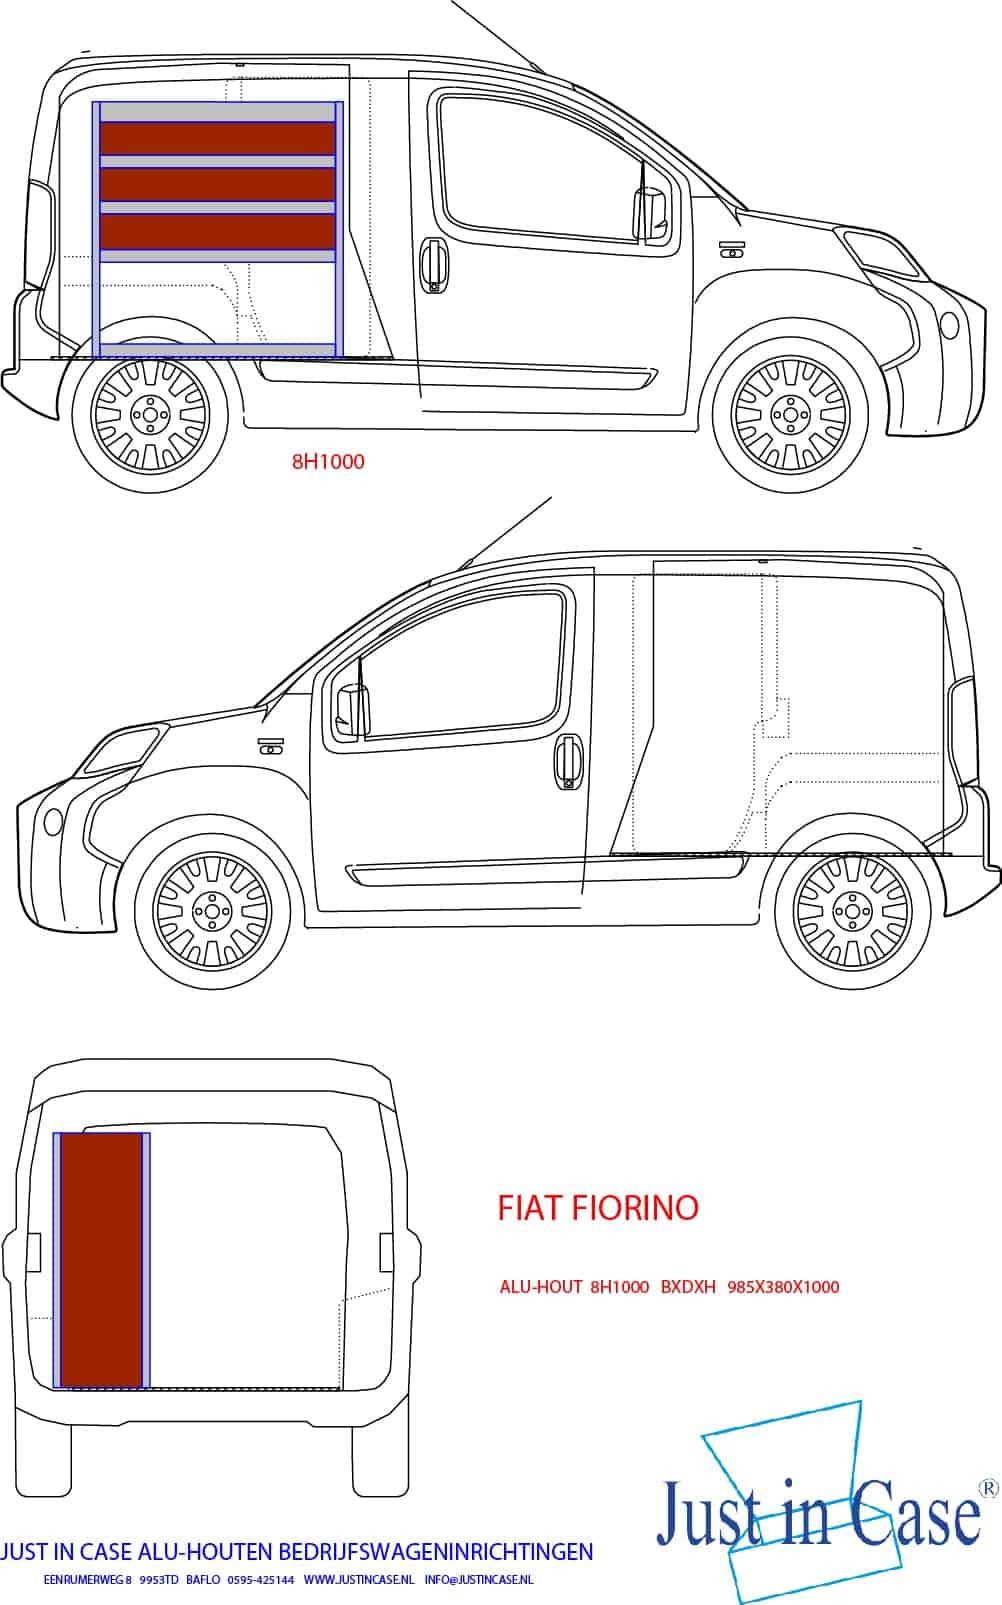 Fiat Fiorino bedrijfwageninrichting